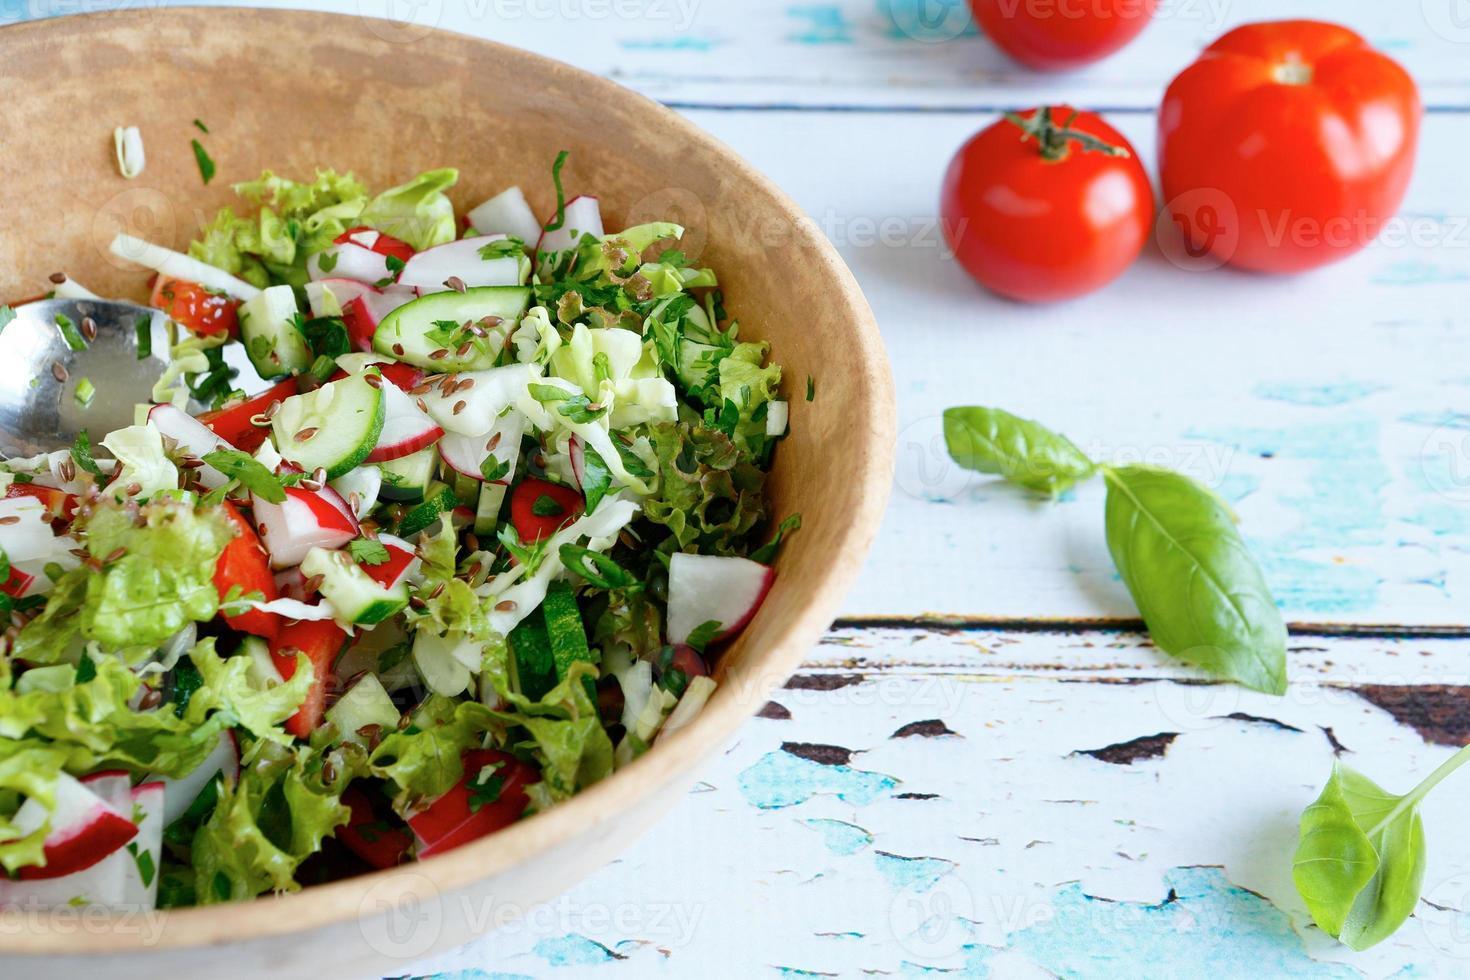 insalata di verdure in una grande ciotola foto